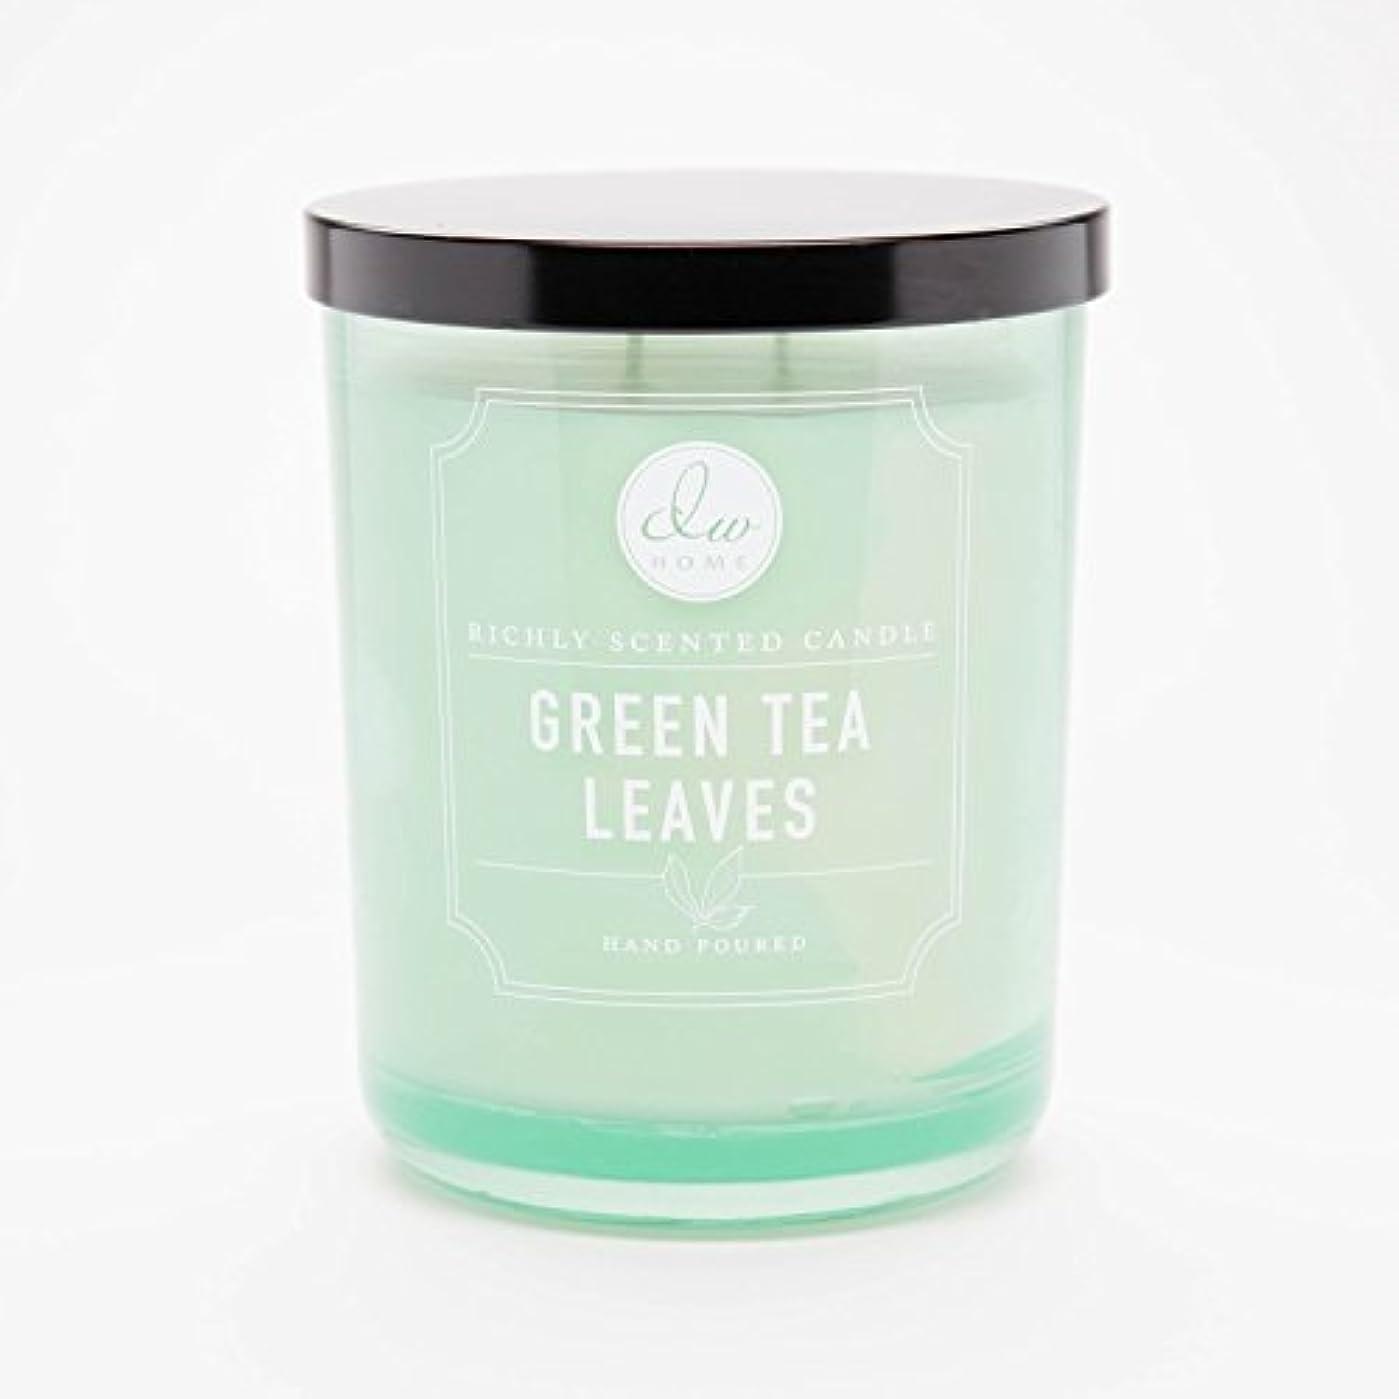 取り囲むキラウエア山インポートGreen Tea Leaves Richly Scented Candle Small Single Wick Hand Poured From Dw